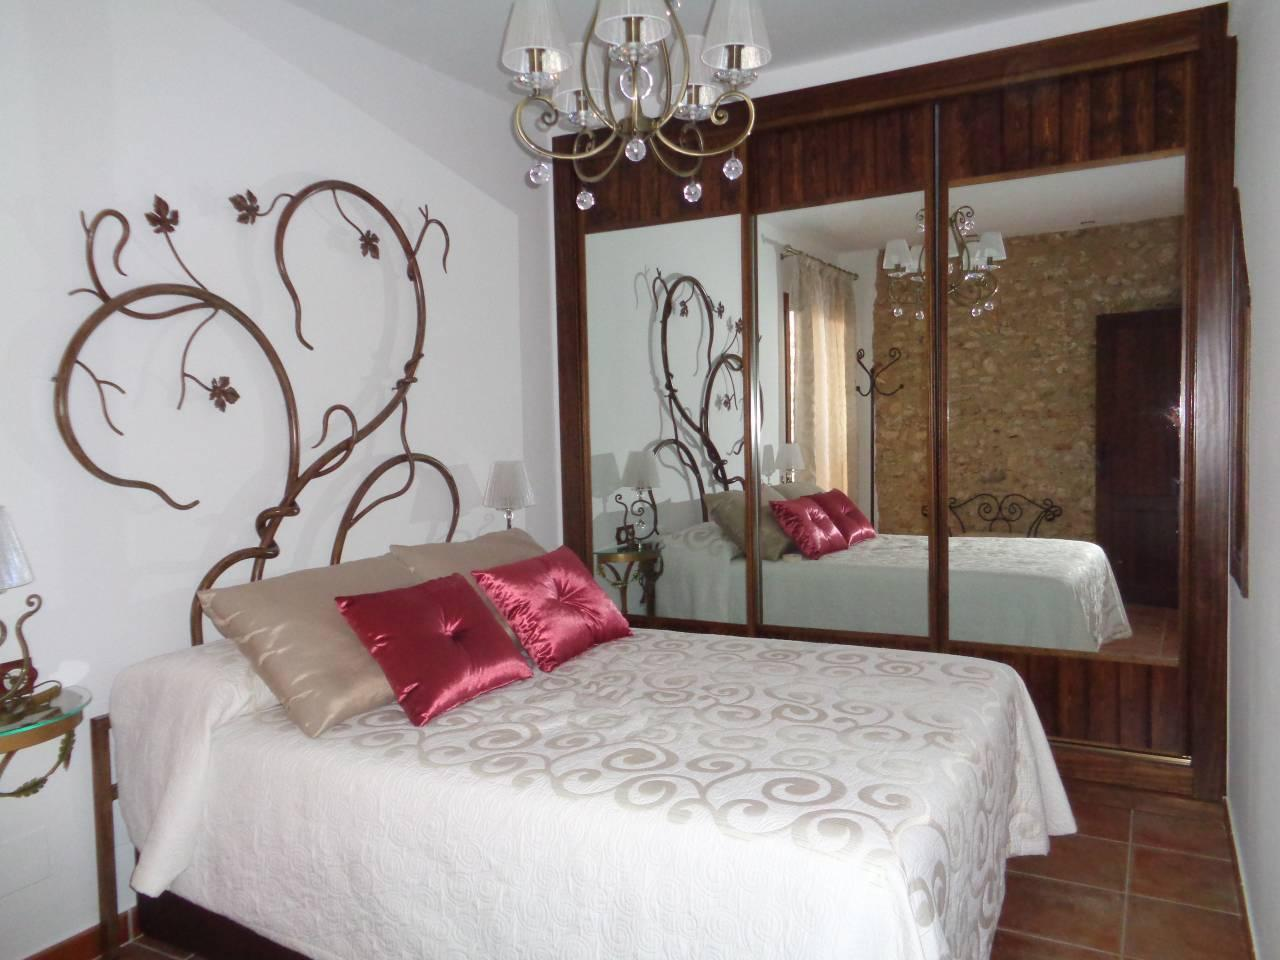 Alquiler vacaciones en Colomera, Granada